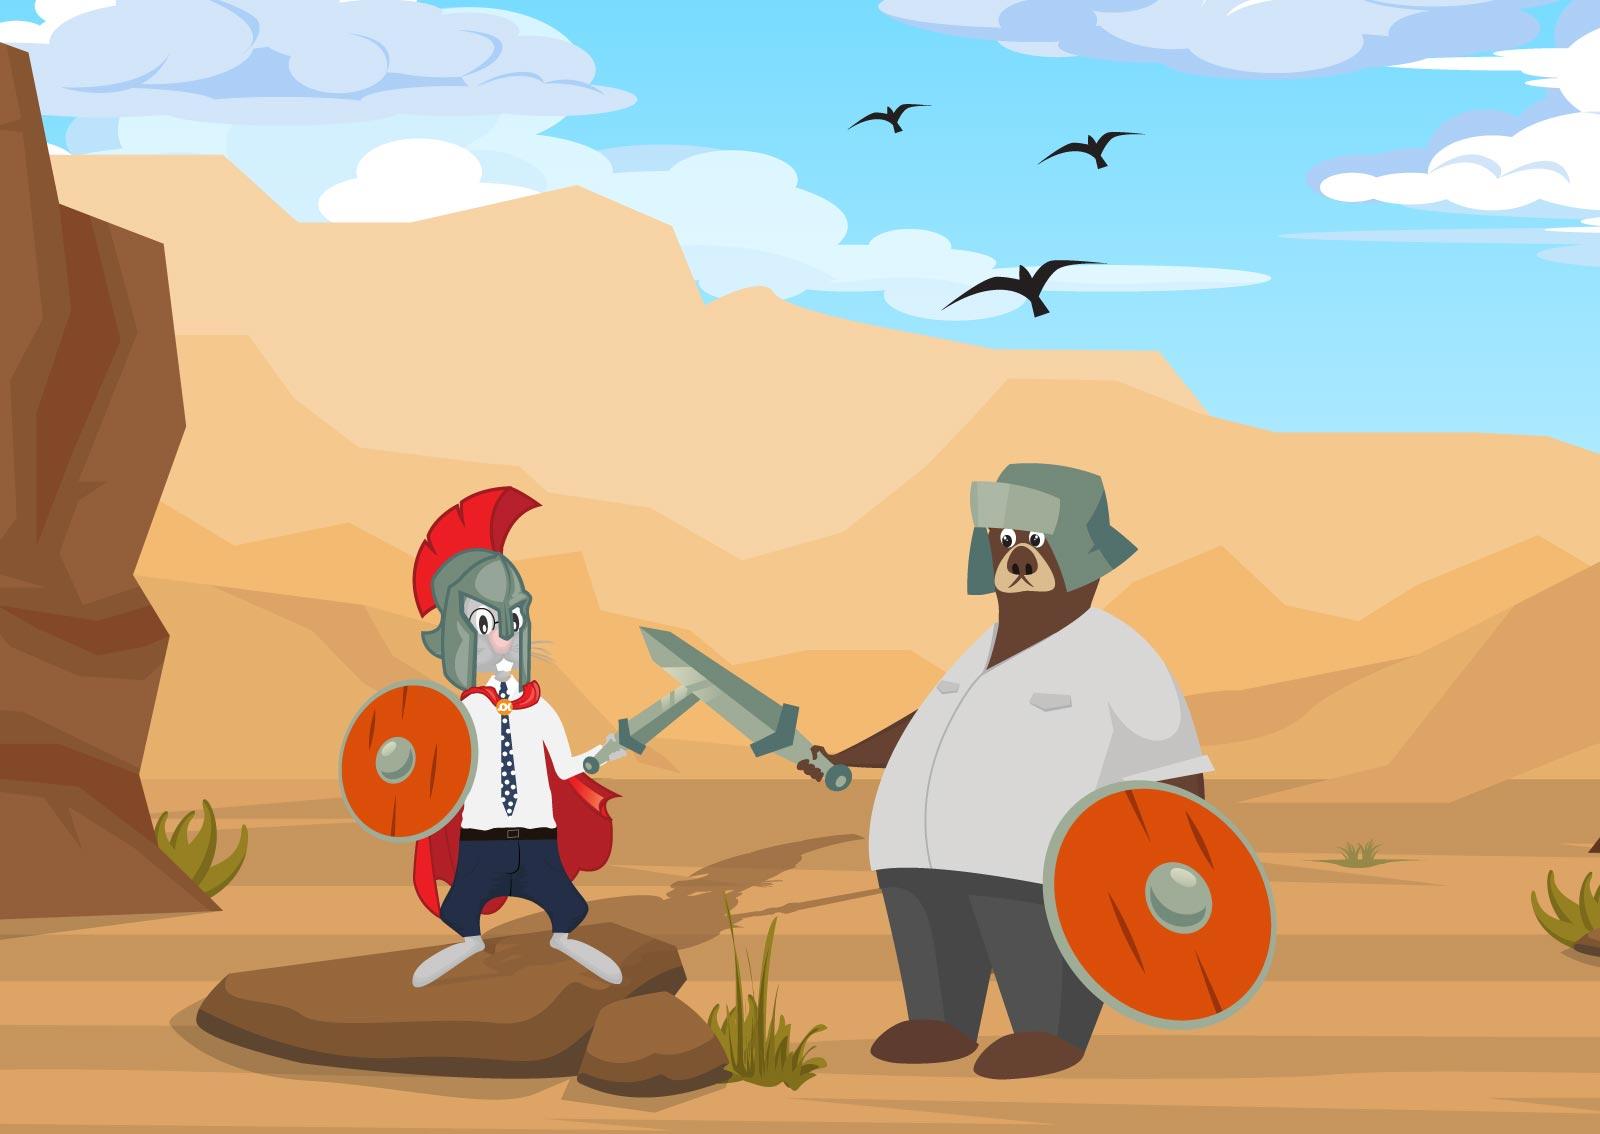 Ilustracija borbe titana prezentacionog web sajta i one page web sajta, koju simbolišu meda i zeka sa mačevima